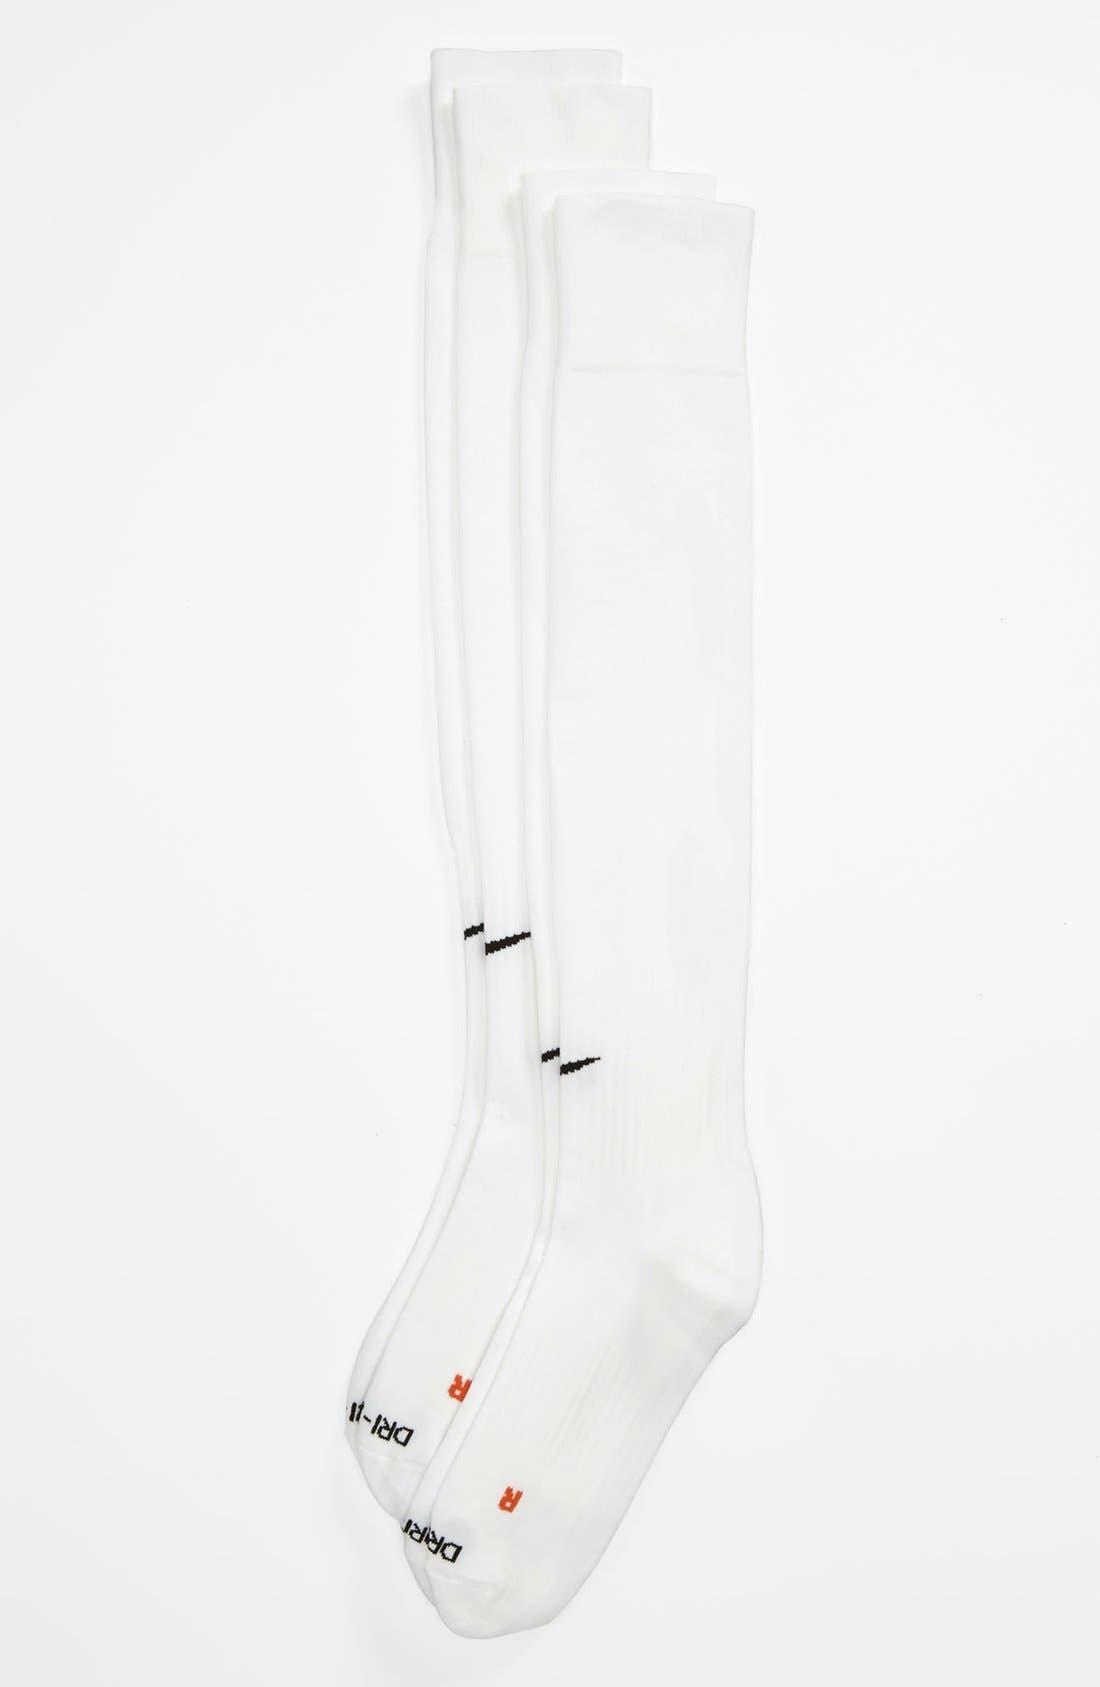 Alternate Image 1 Selected - Nike 'Classic' Dri-FIT Soccer Socks (2-Pack) (Men)